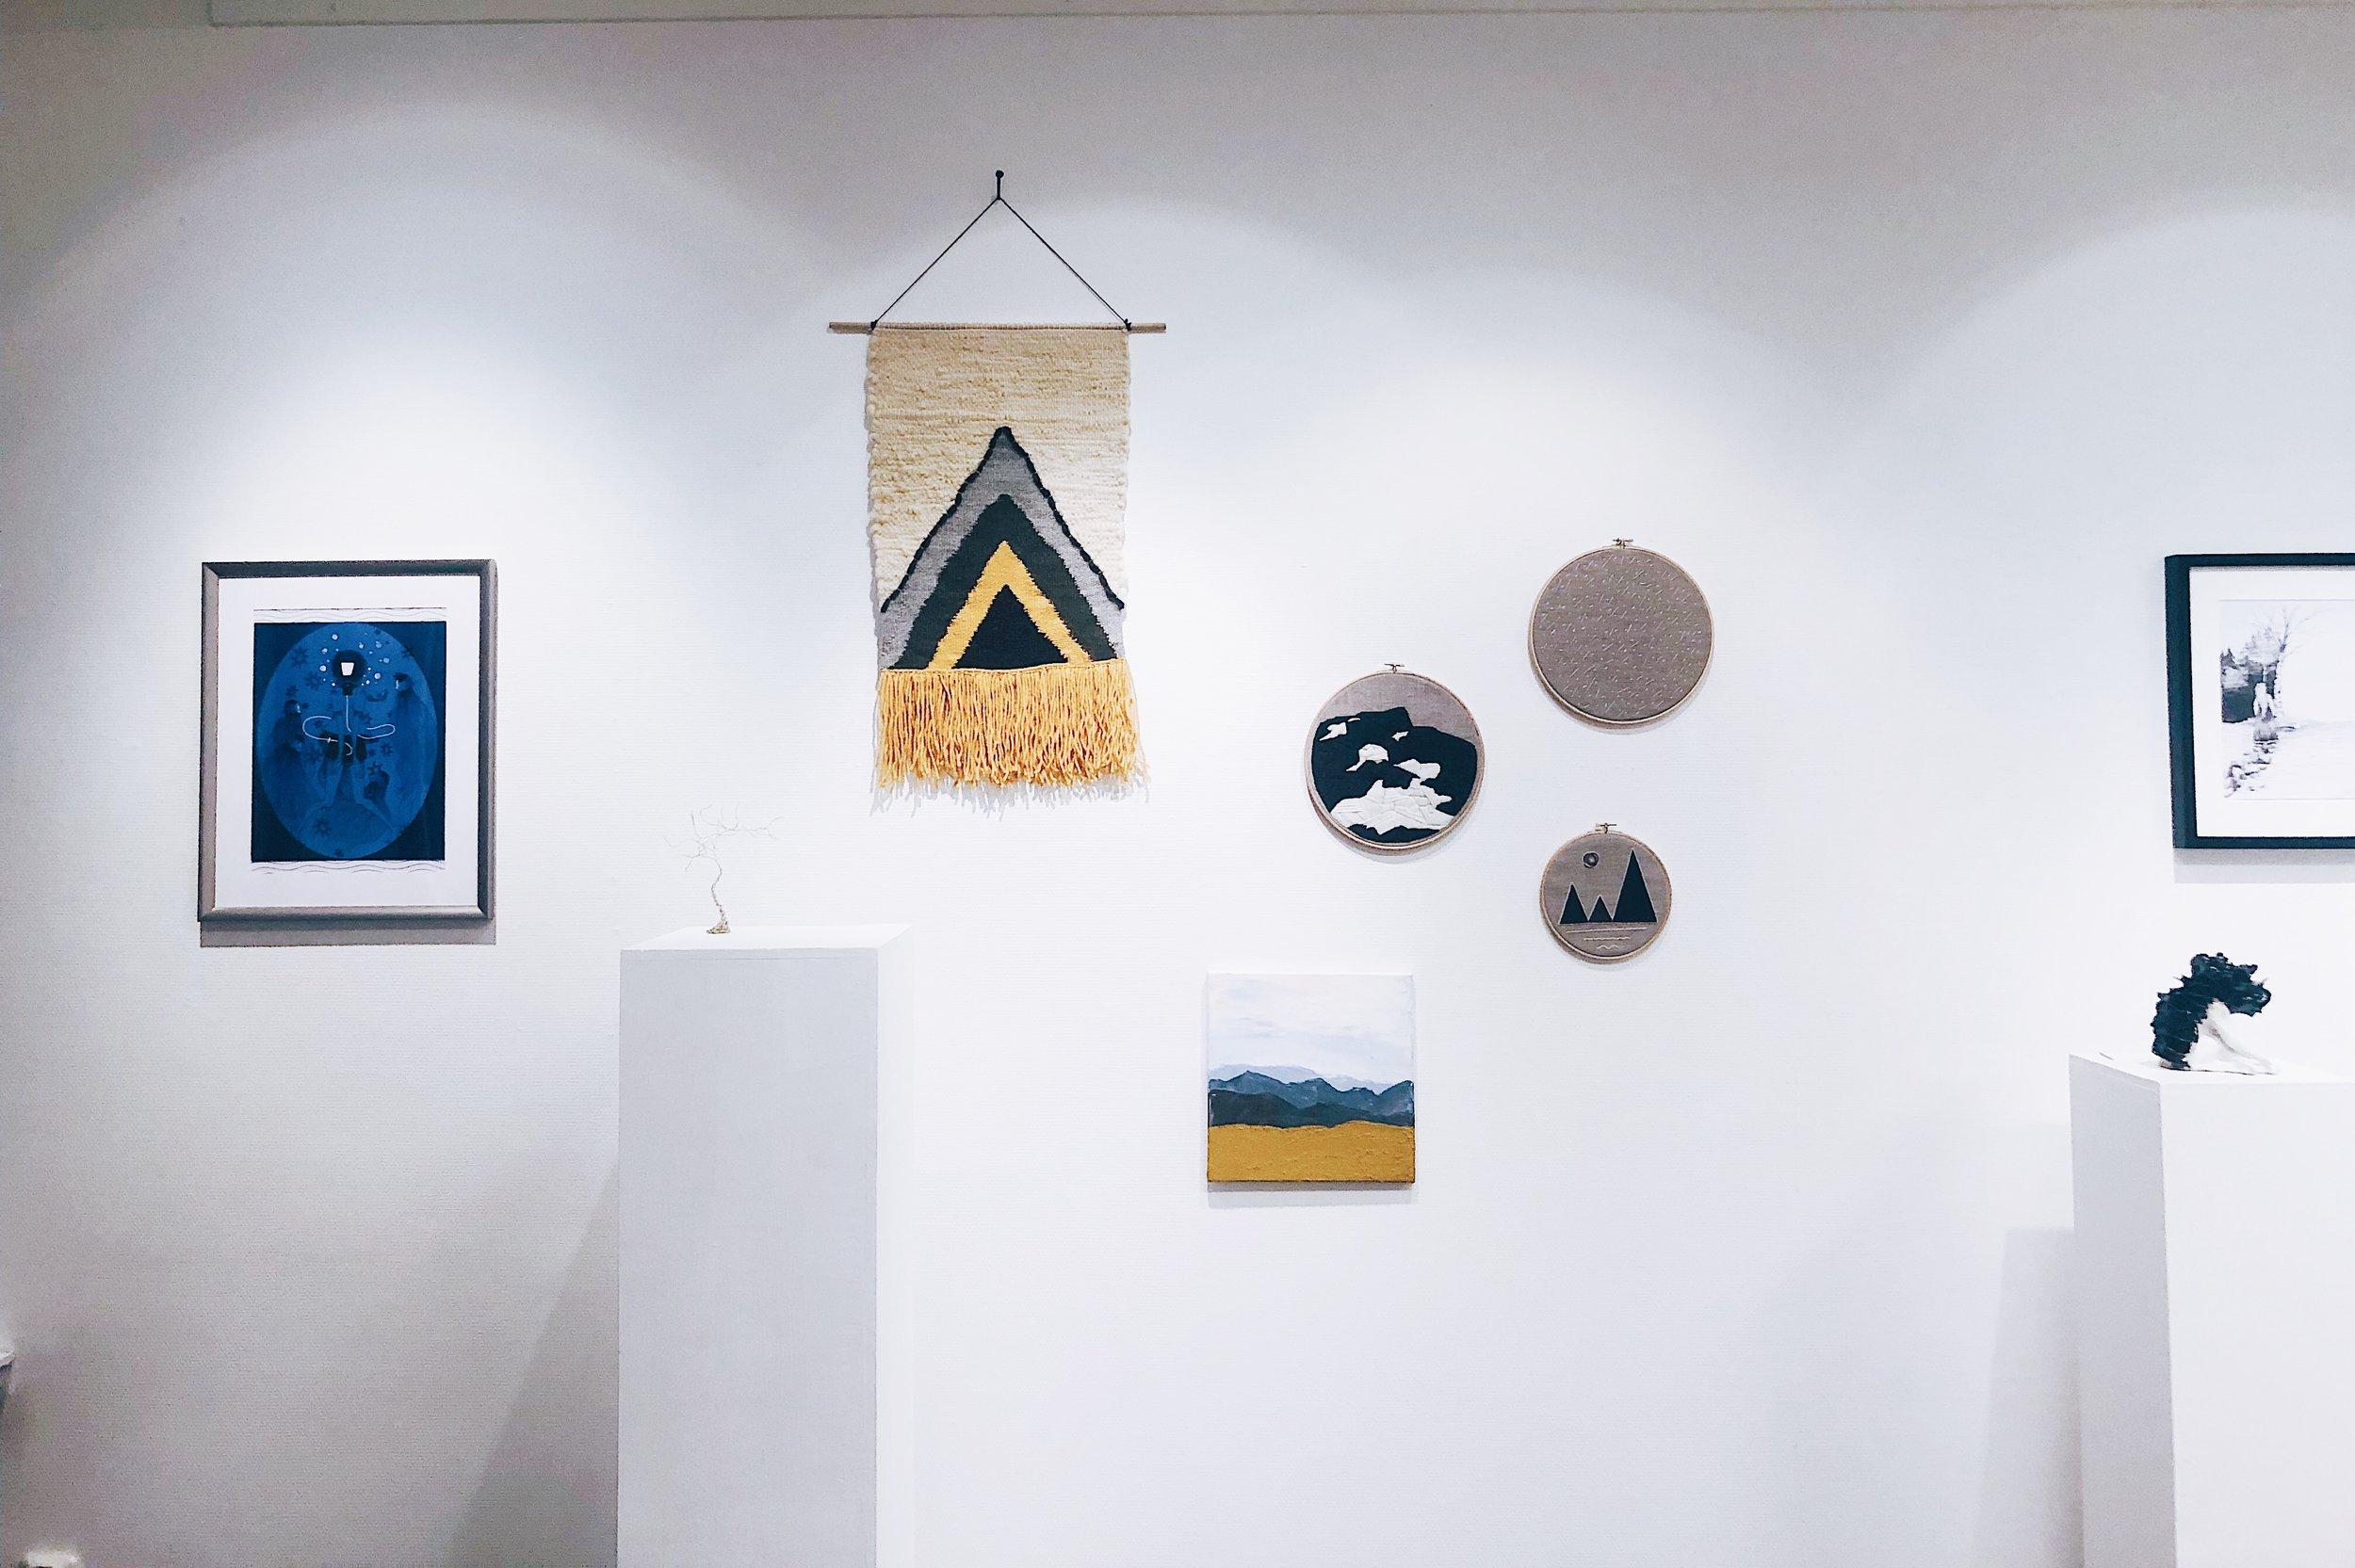 Mina fem bidrag till utställningen.